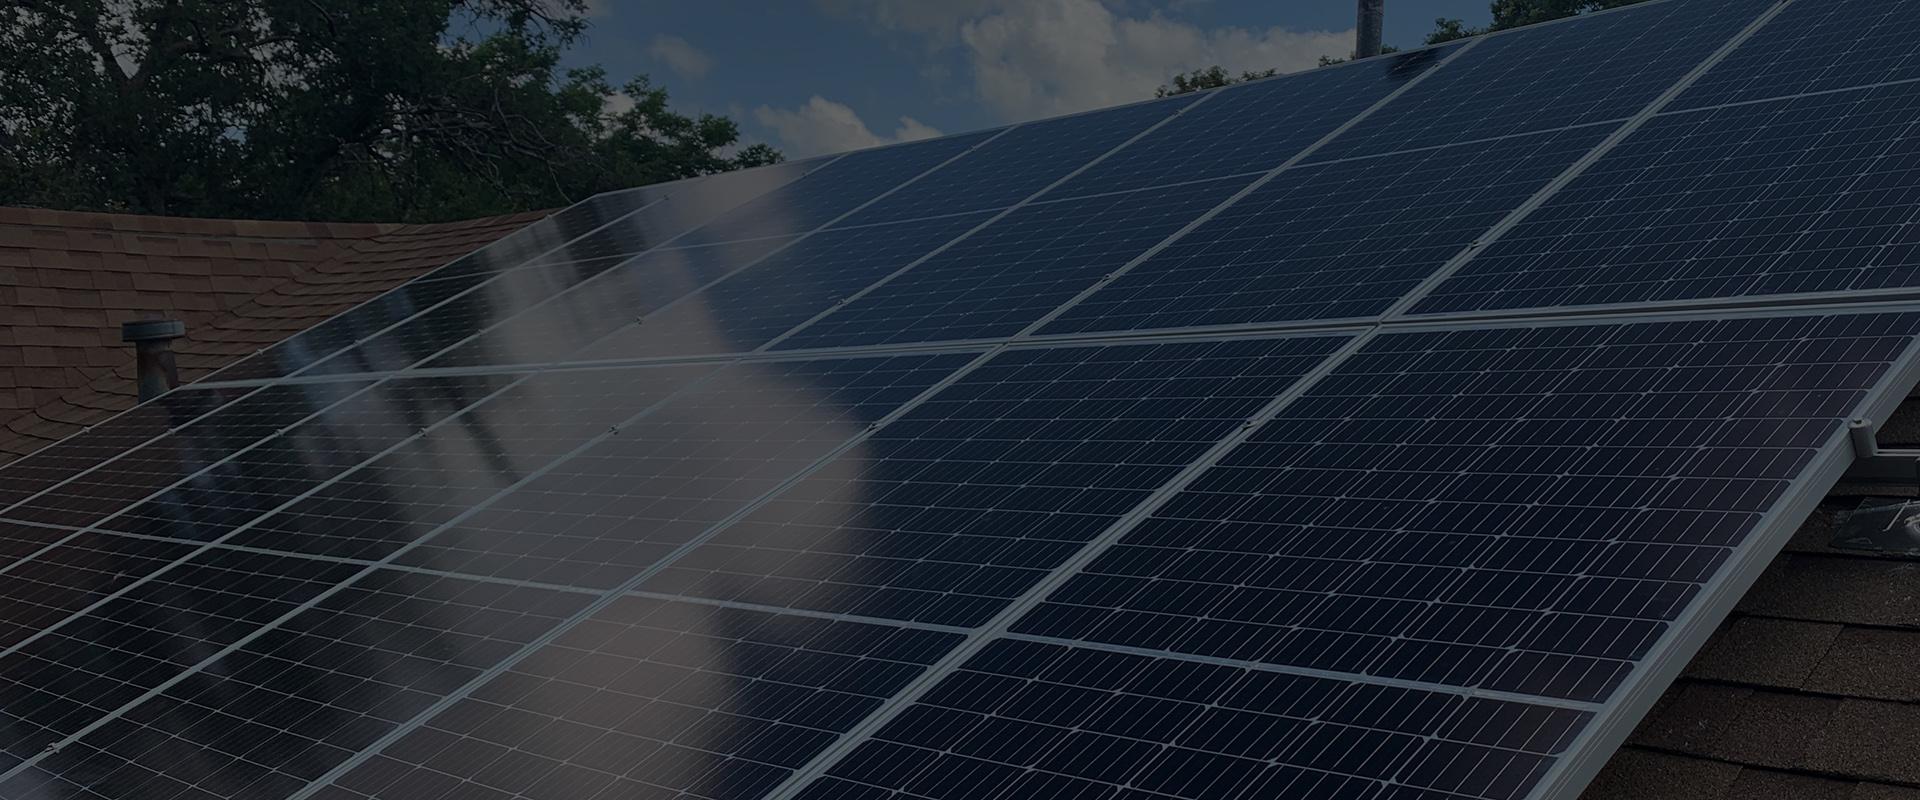 Solar panels co op in Houston TX